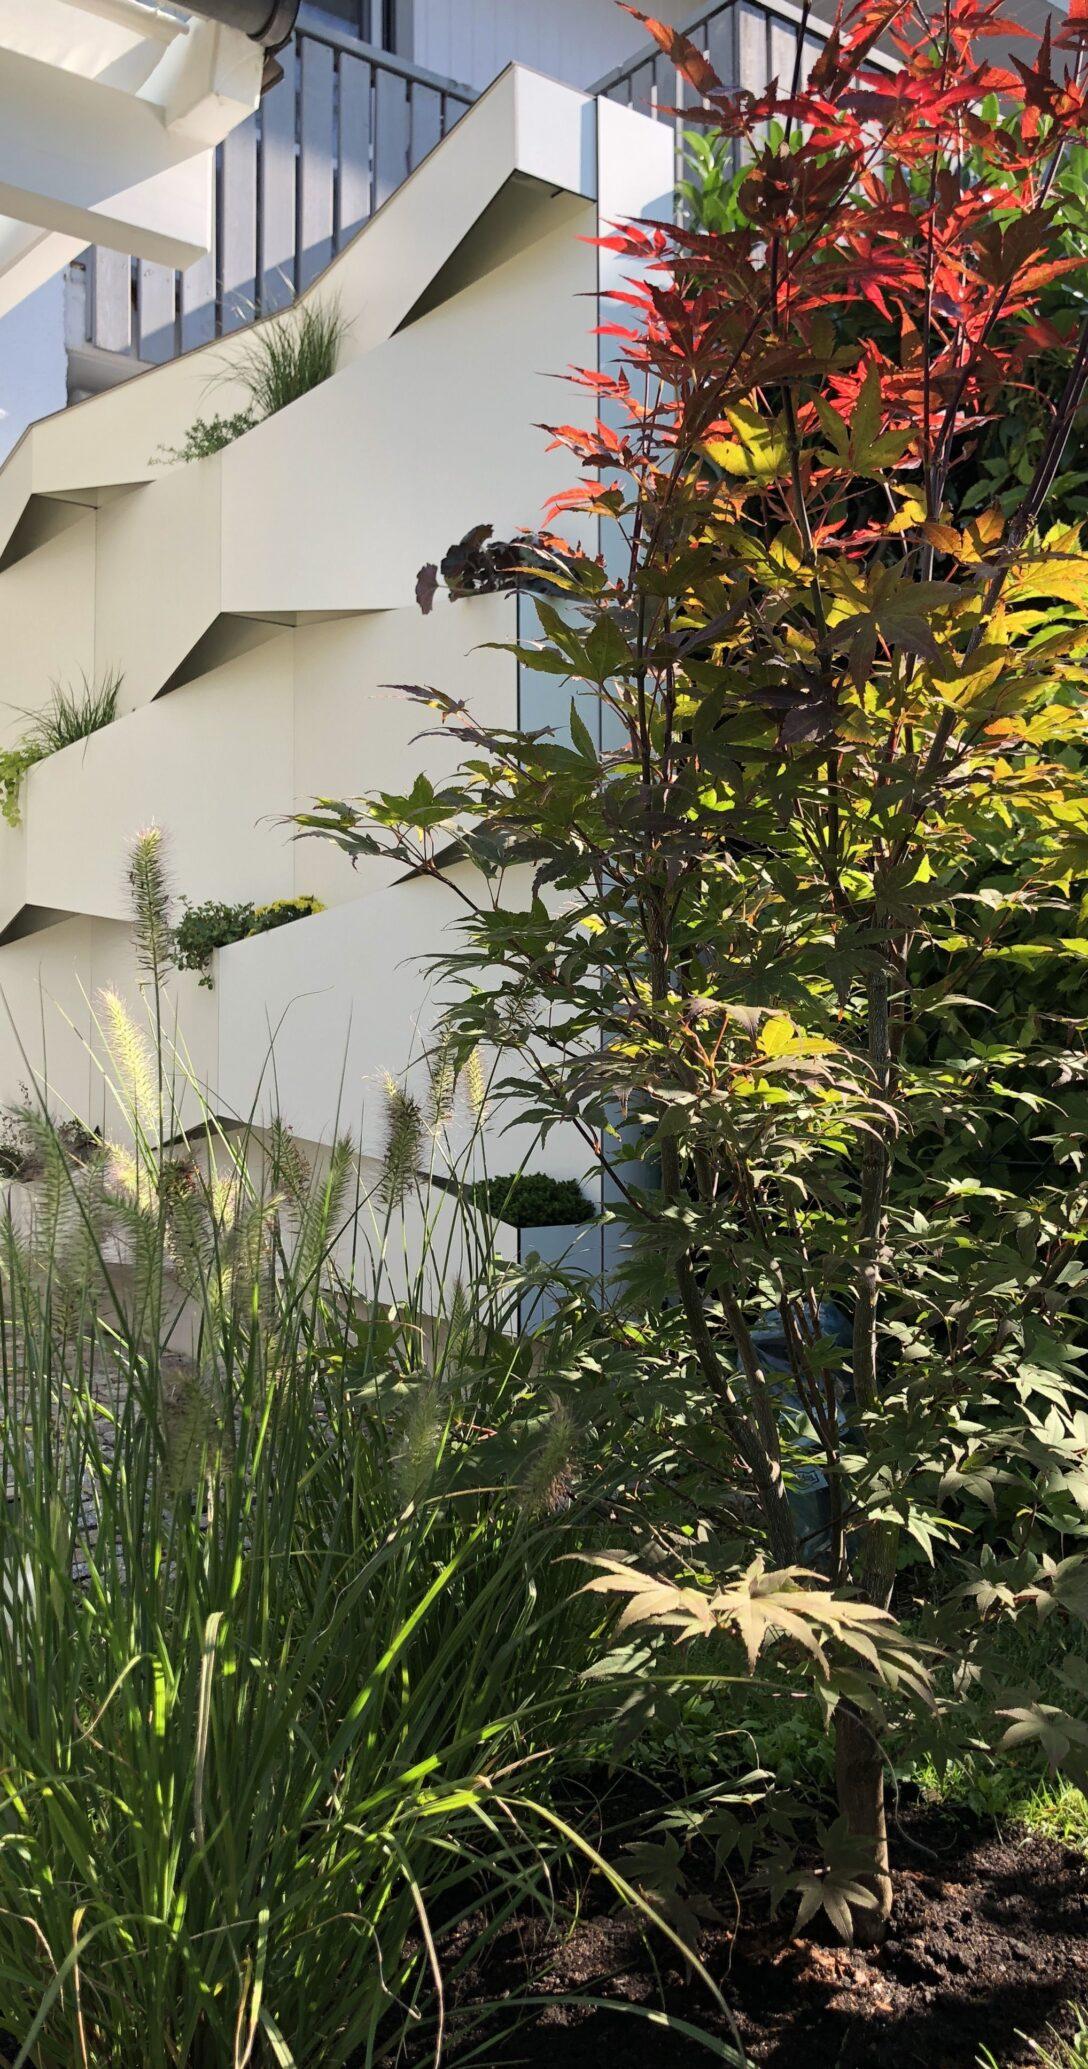 Large Size of Abtrennwand Garten Trennwand Holz Geometrical Garden Segregation Made Of White Compact Board The Bewässerungssysteme Test Kugelleuchte Loungemöbel Klapptisch Wohnzimmer Abtrennwand Garten